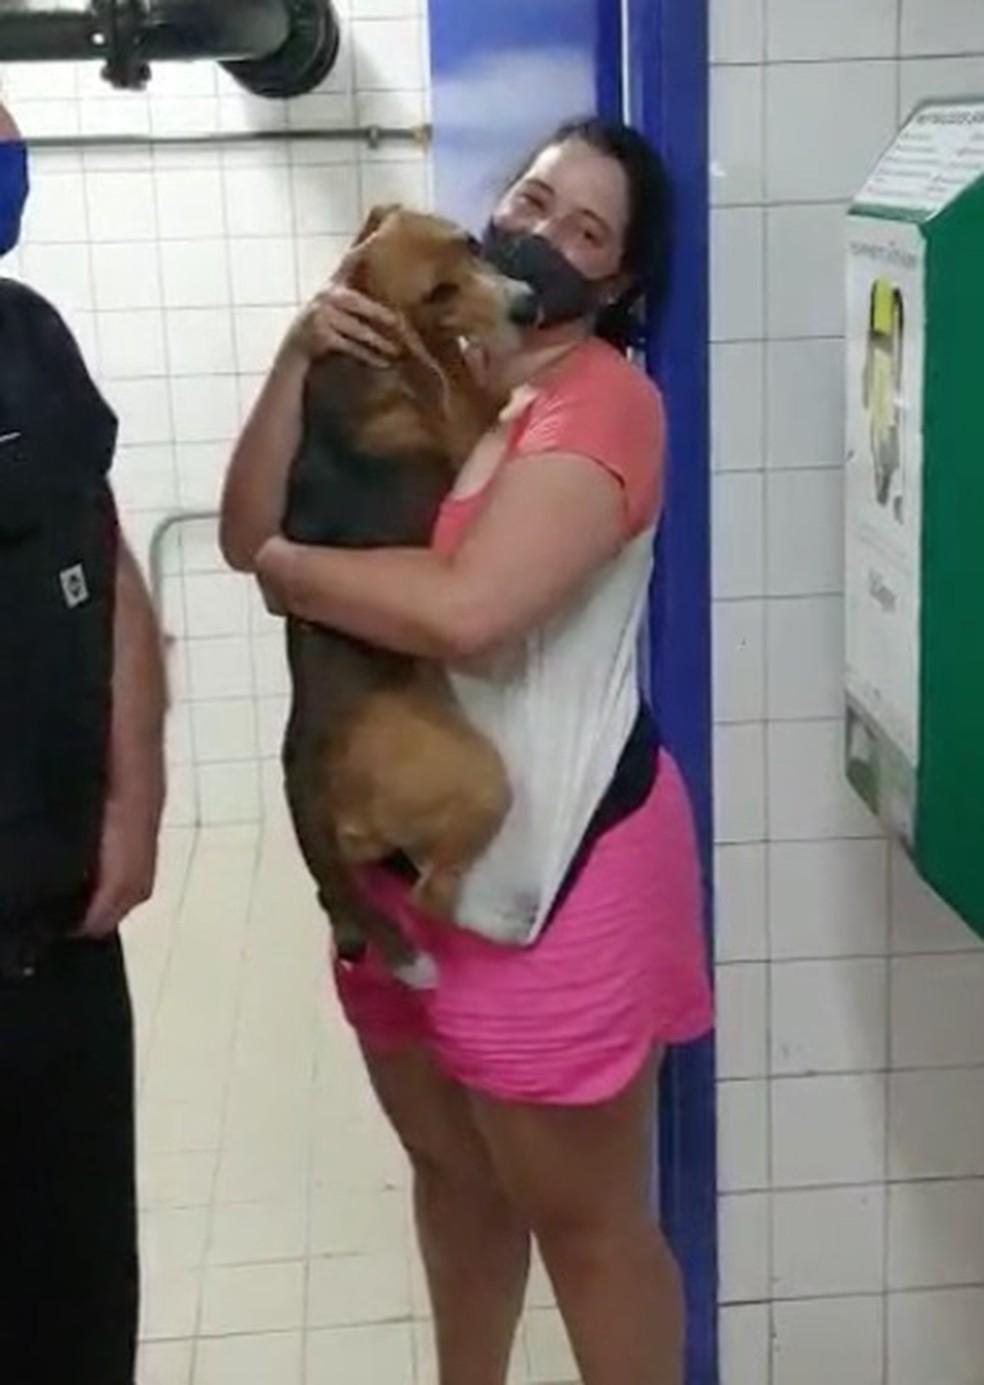 Patrícia Silva reencontra a cadelinha Bailey, que tinha fugido de casa na noite anterior. — Foto: Reprodução